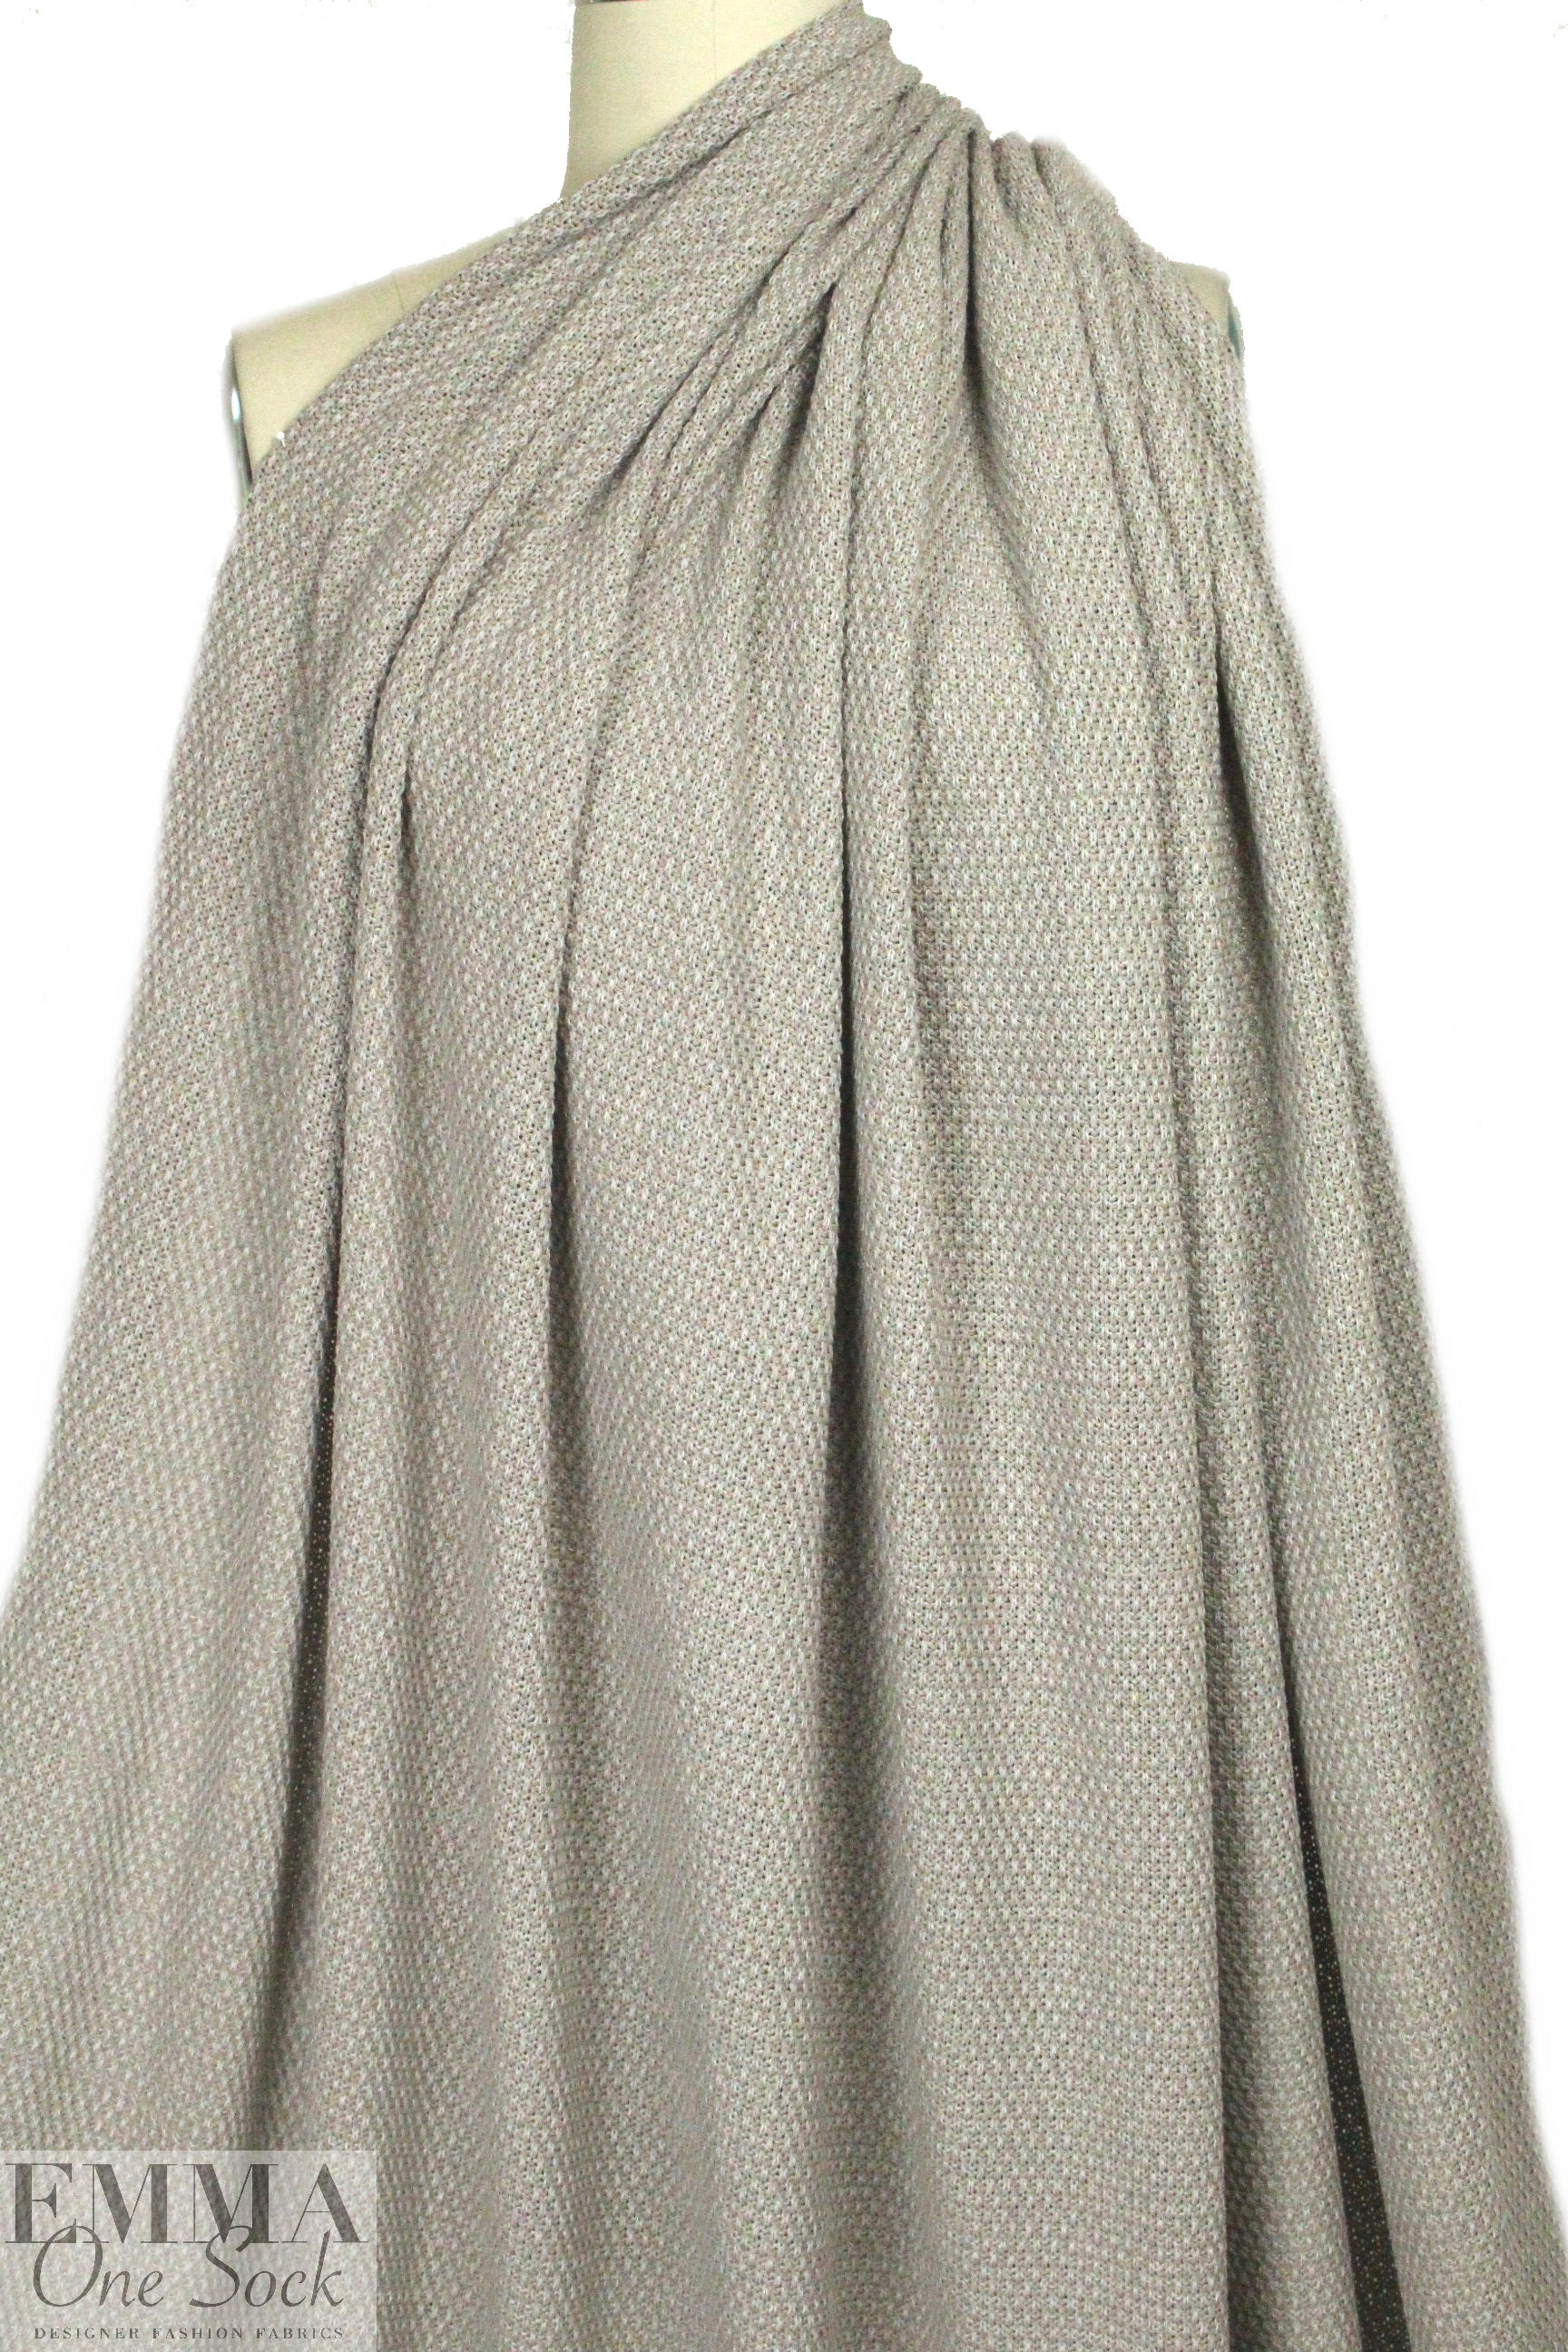 c129a6b63042 Fabric photo thumbnail. Fabric photo thumbnail. Italian warm gray knotted  stitch cotton sweater knit